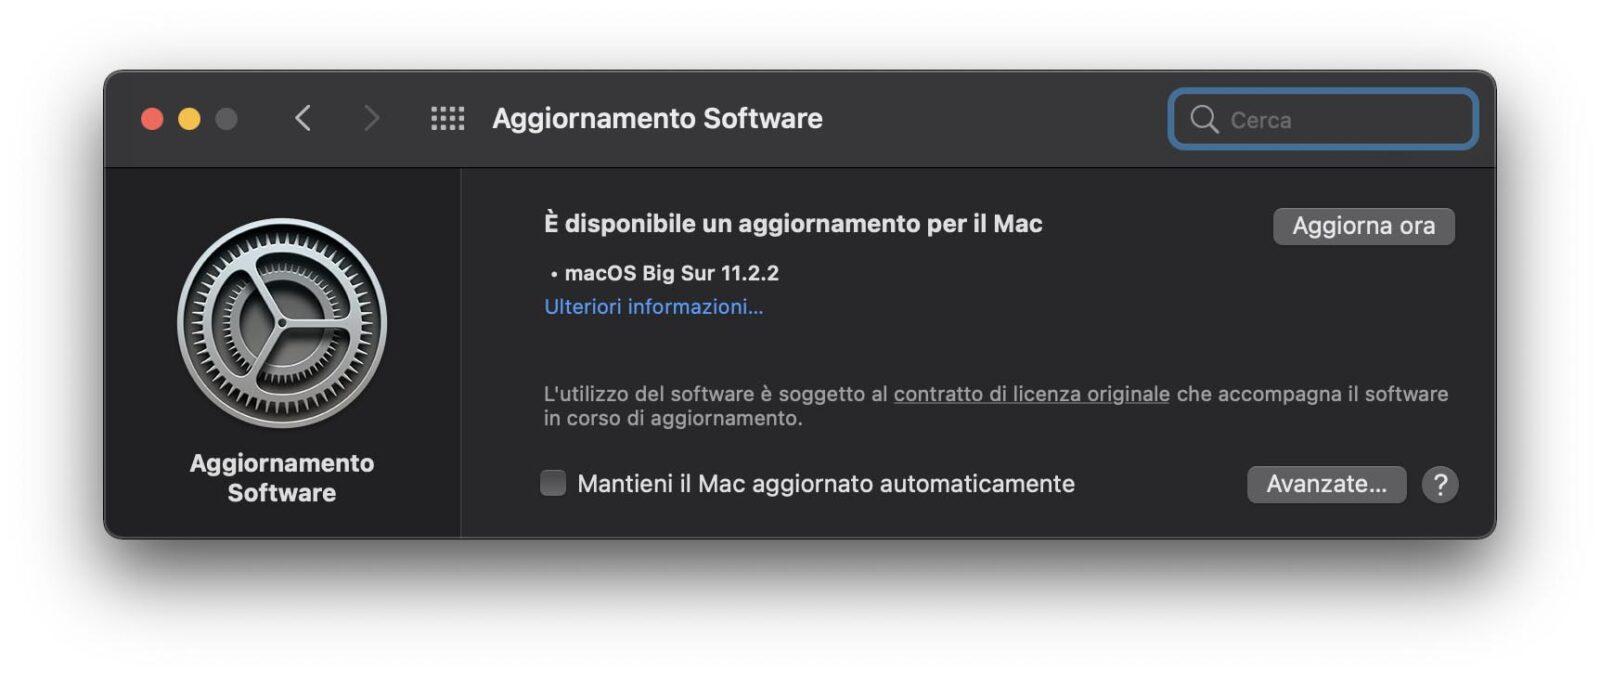 Disponibile l'aggiornamento a macOS Big Sur 11.2.2